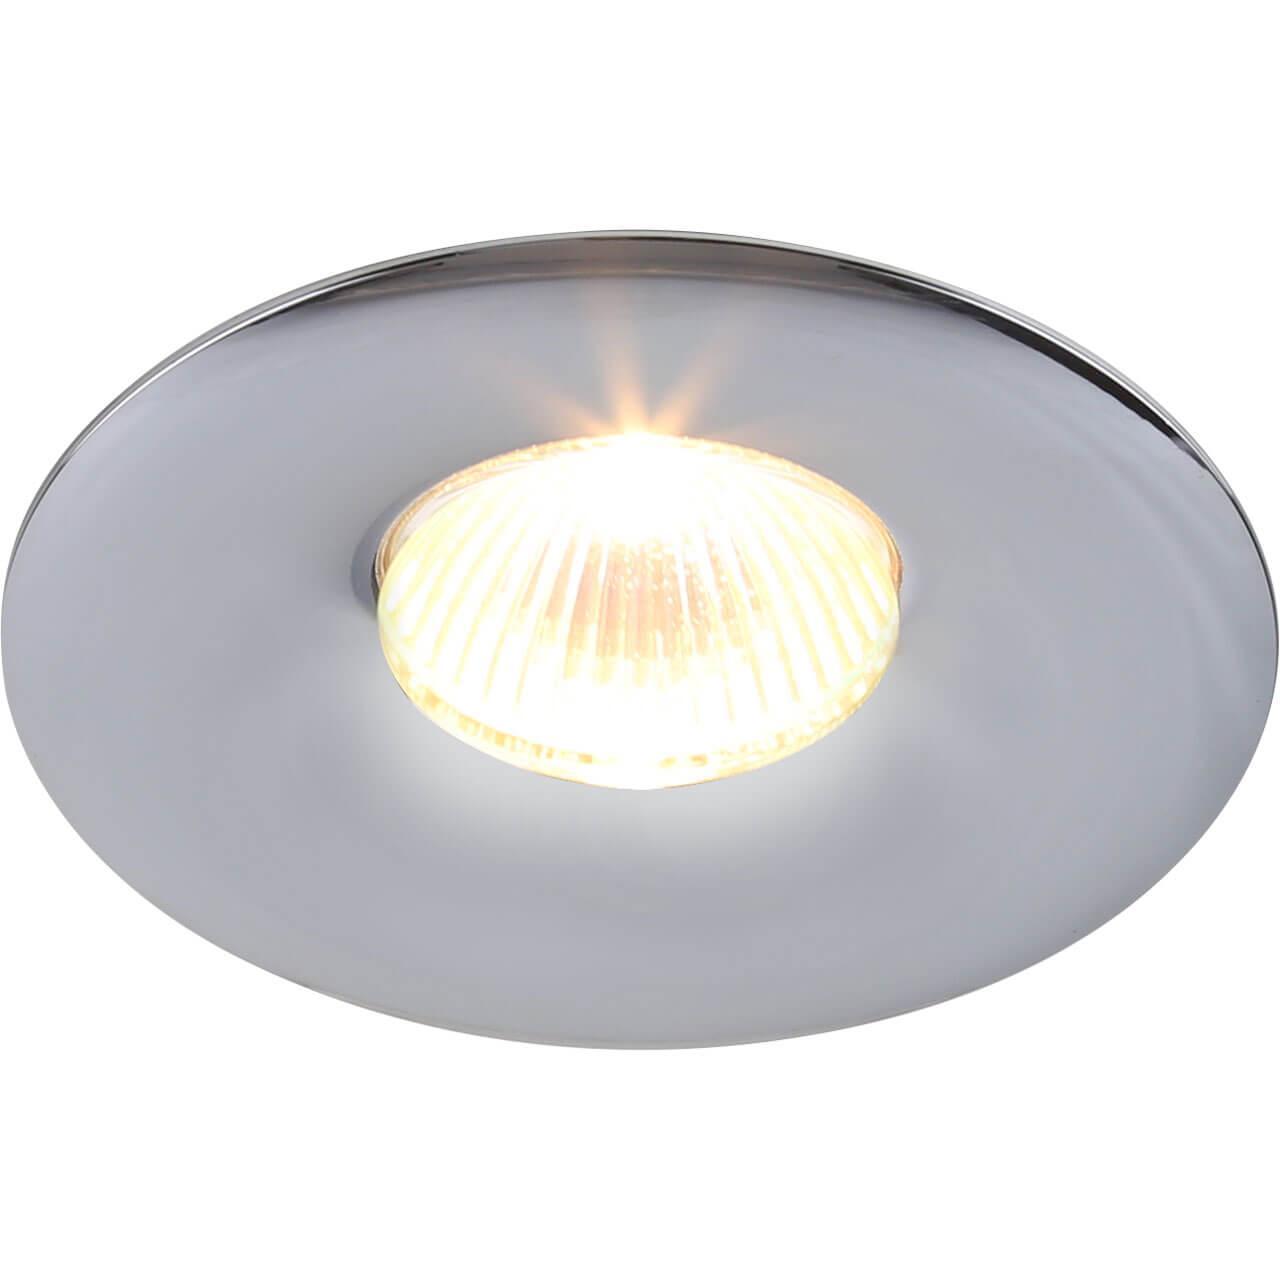 Встраиваемый светильник Divinare Sciuscia 1765/02 PL-1 встраиваемый светильник divinare sciuscia 1765 01 pl 1